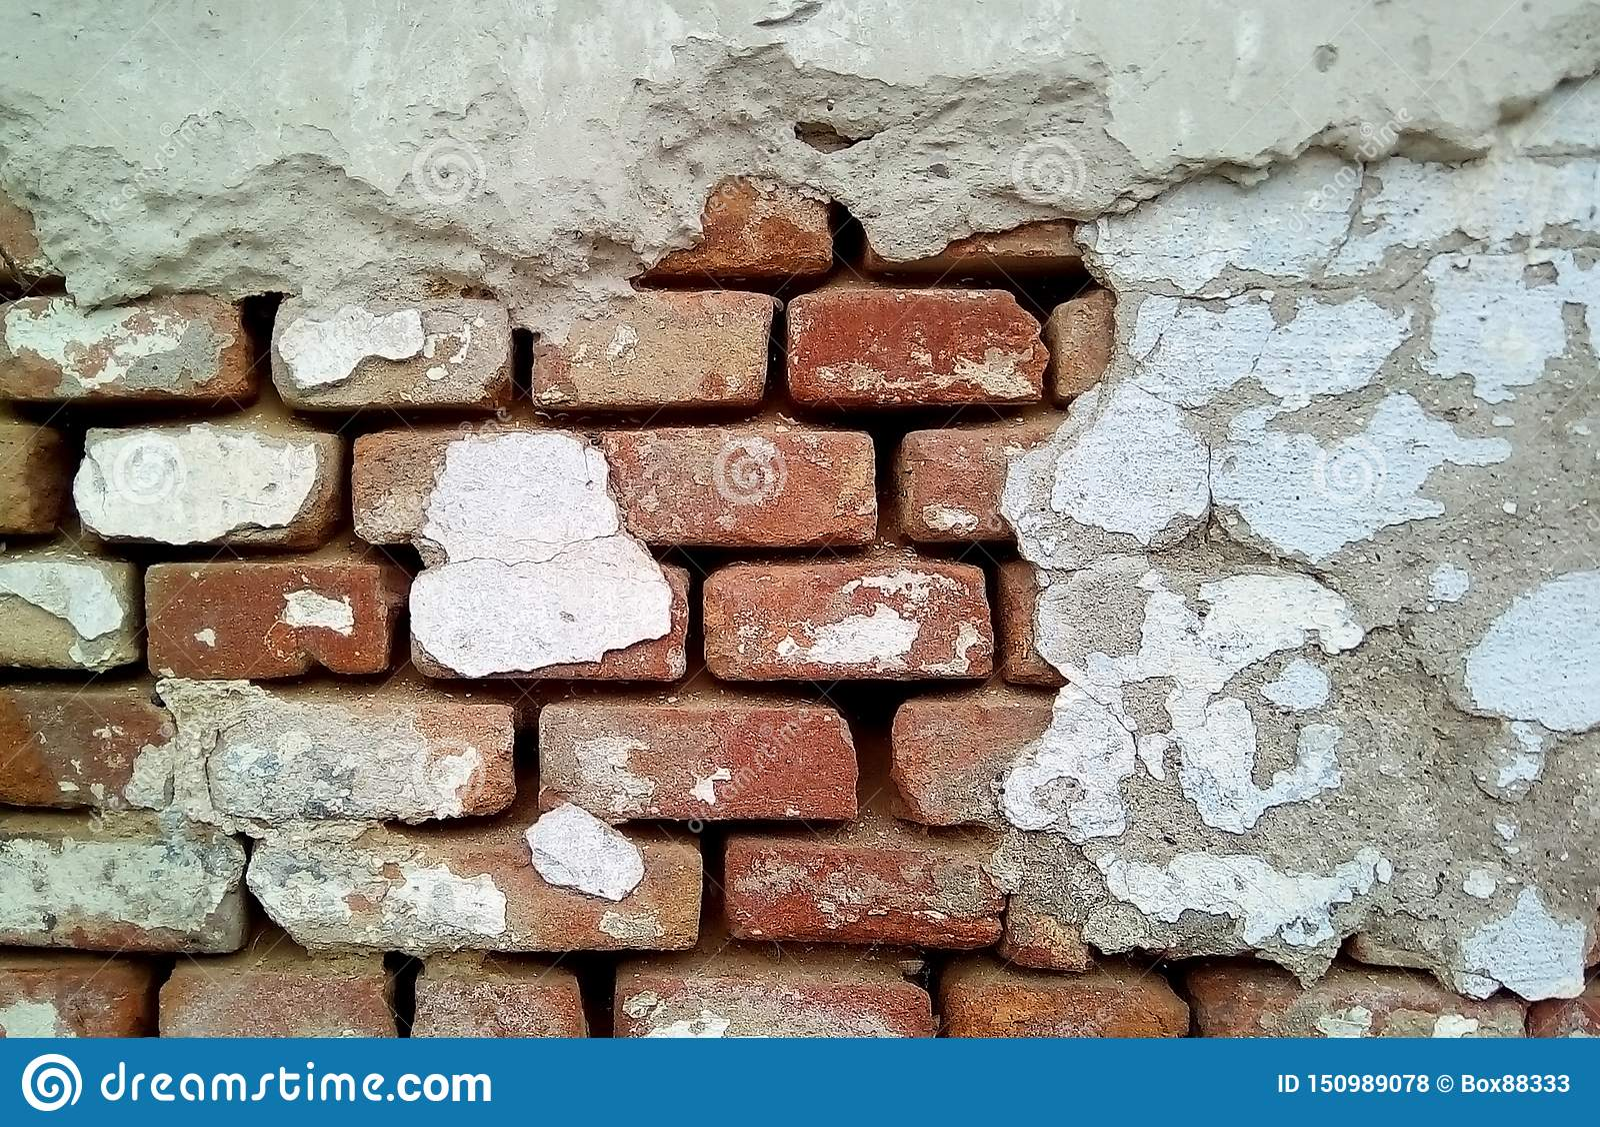 Close-up of part of a brick wall.